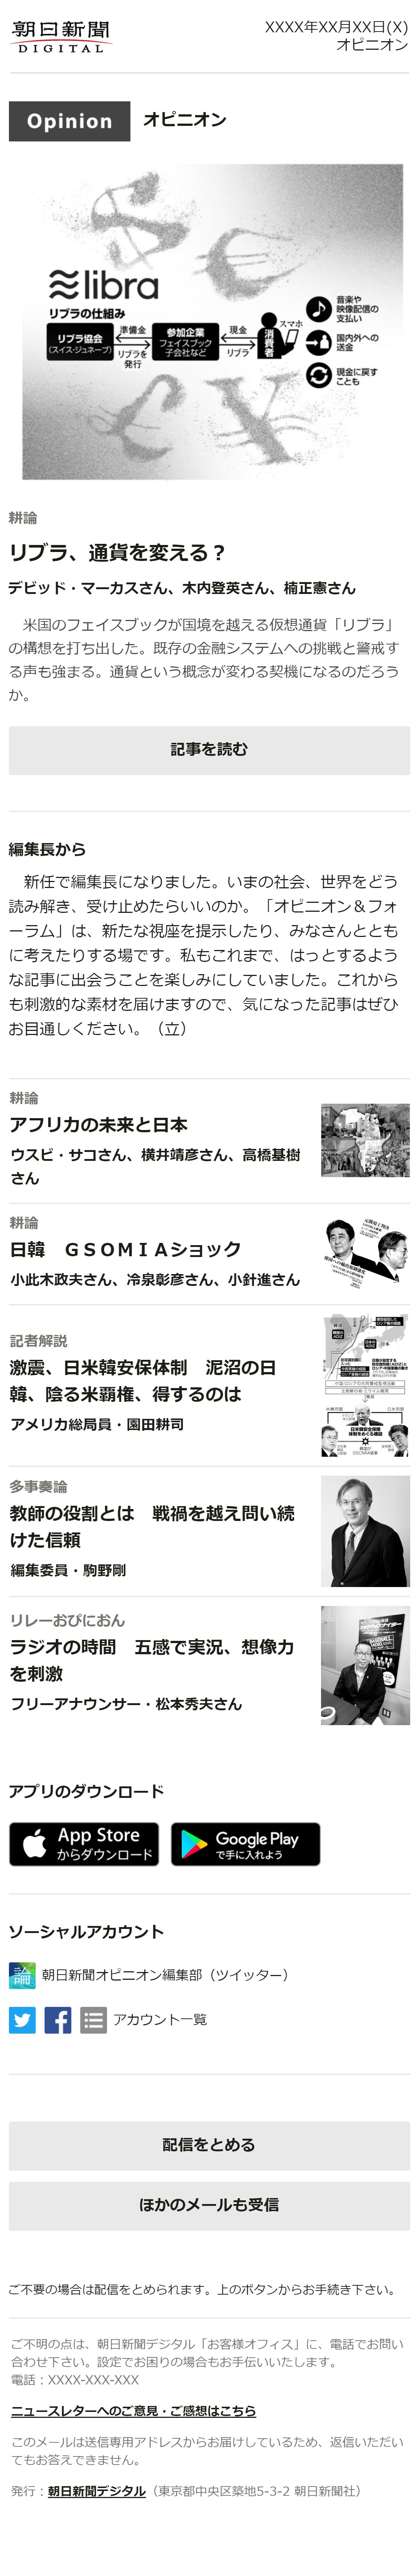 ニュースレター[オピニオン]のサンプル